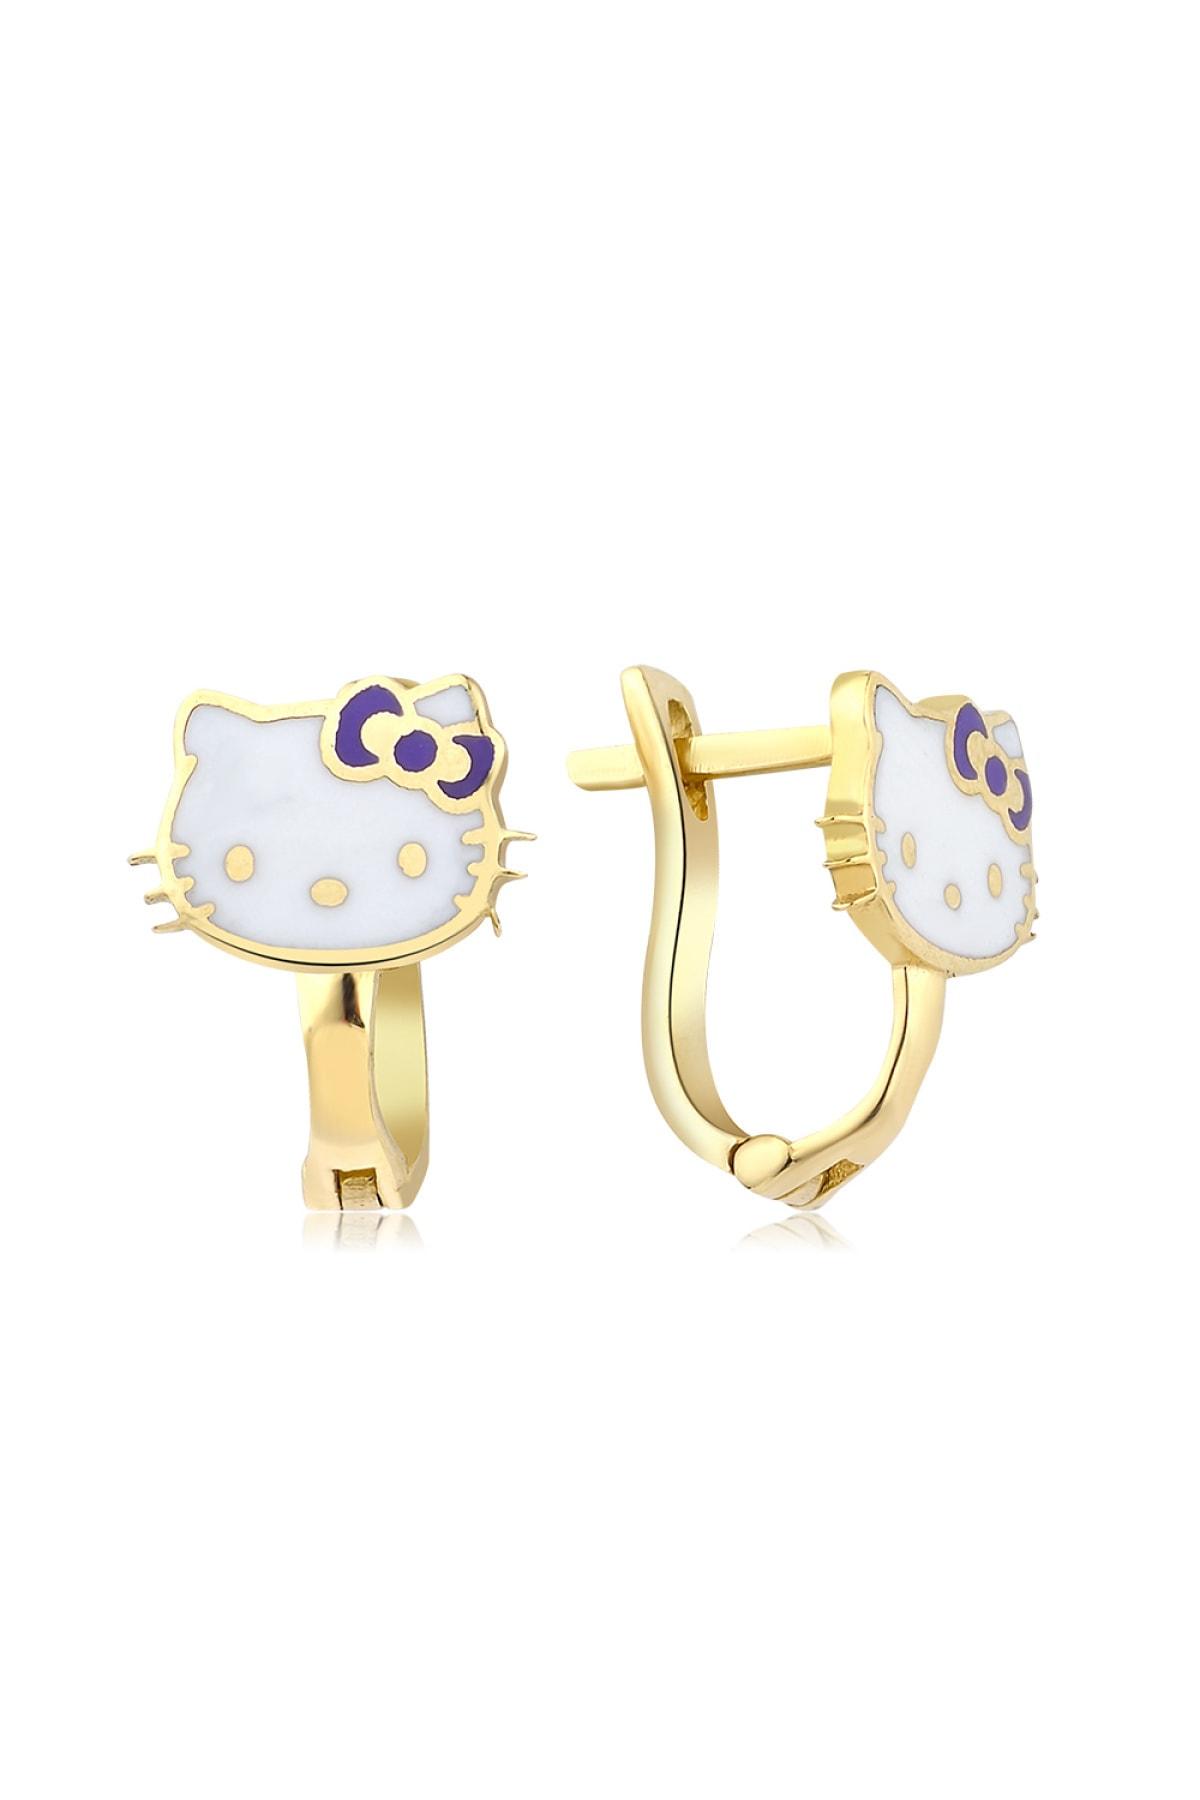 Hello Kitty Lisanslı Kız Çocuk Mor 14 Ayar Altın Küpe 1